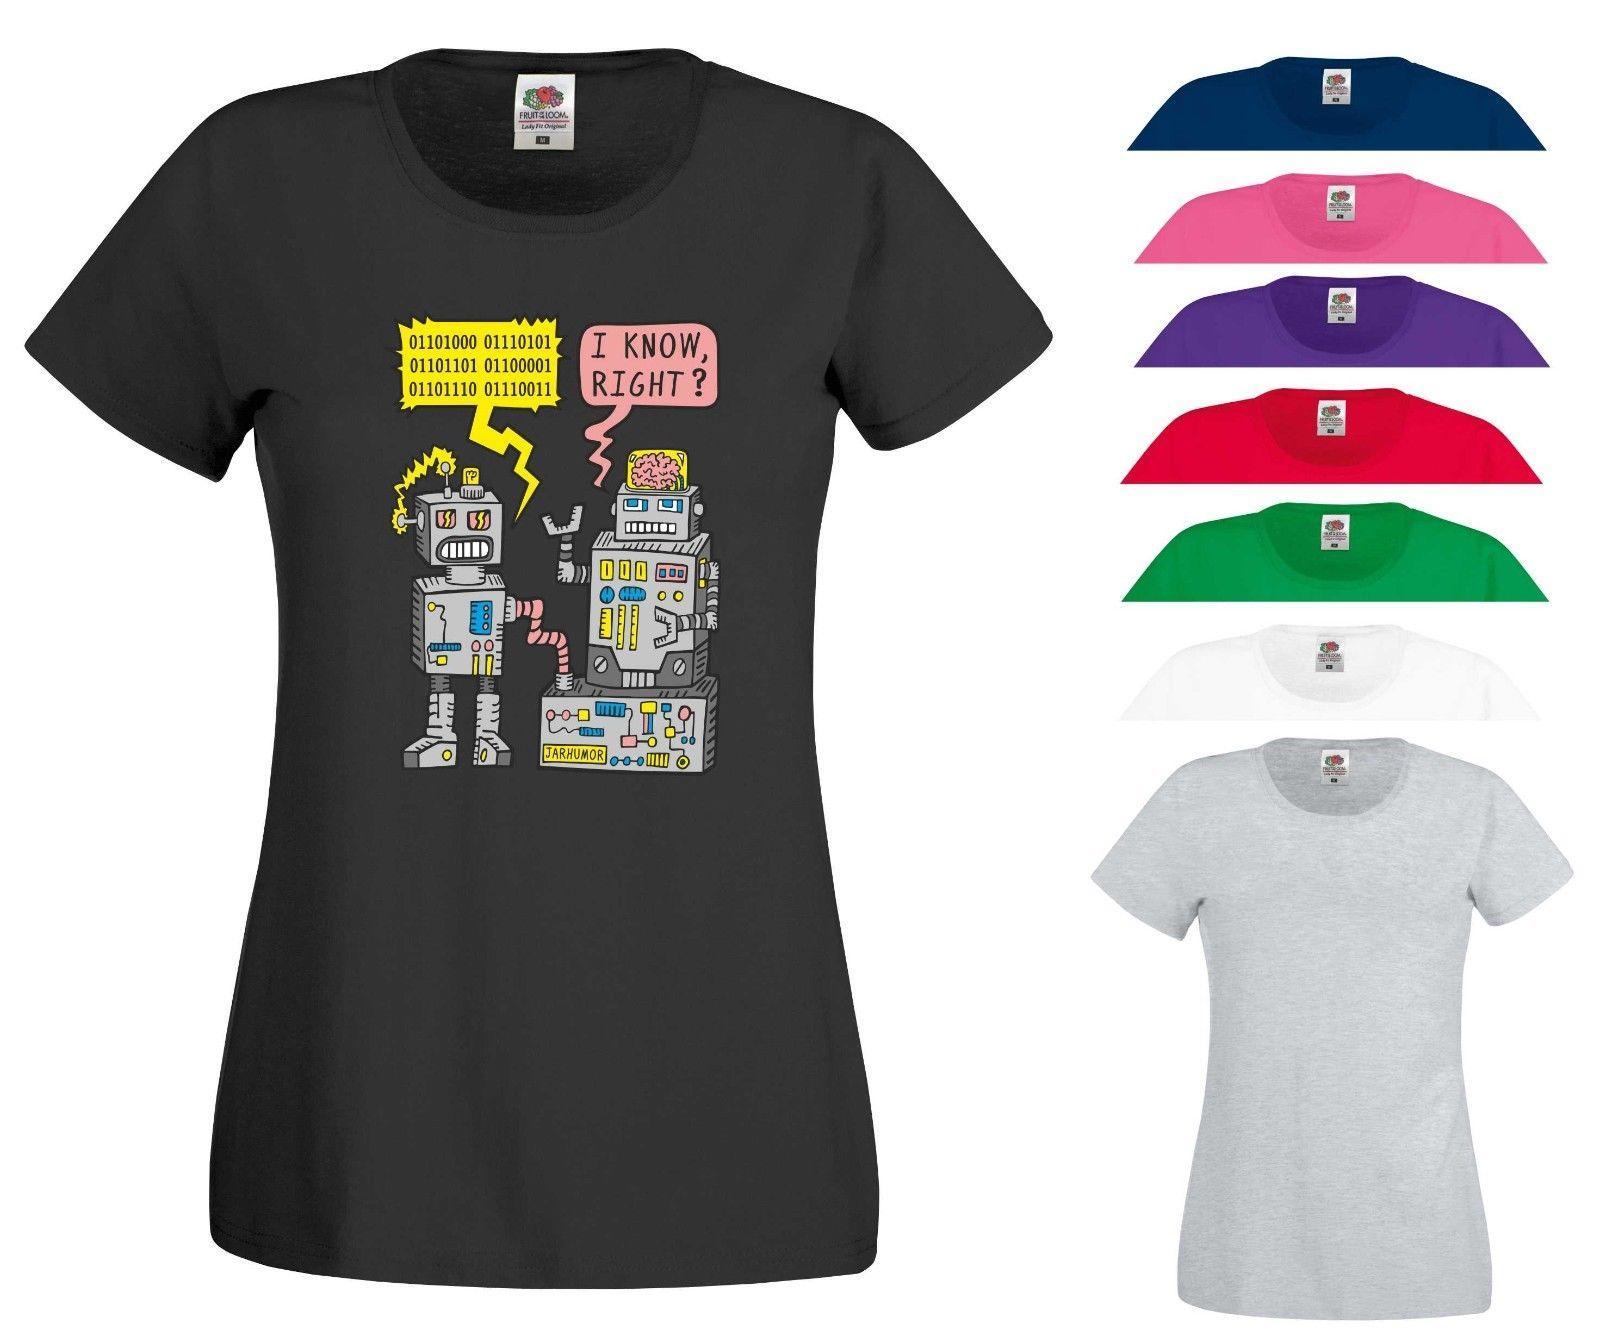 Compre Robot Divertido Broma Camiseta Código Binario Nerd Geek Xbox PS4  Video Juegos Mujeres Top A  10.66 Del Designtshirts201809  2709a8e8d06